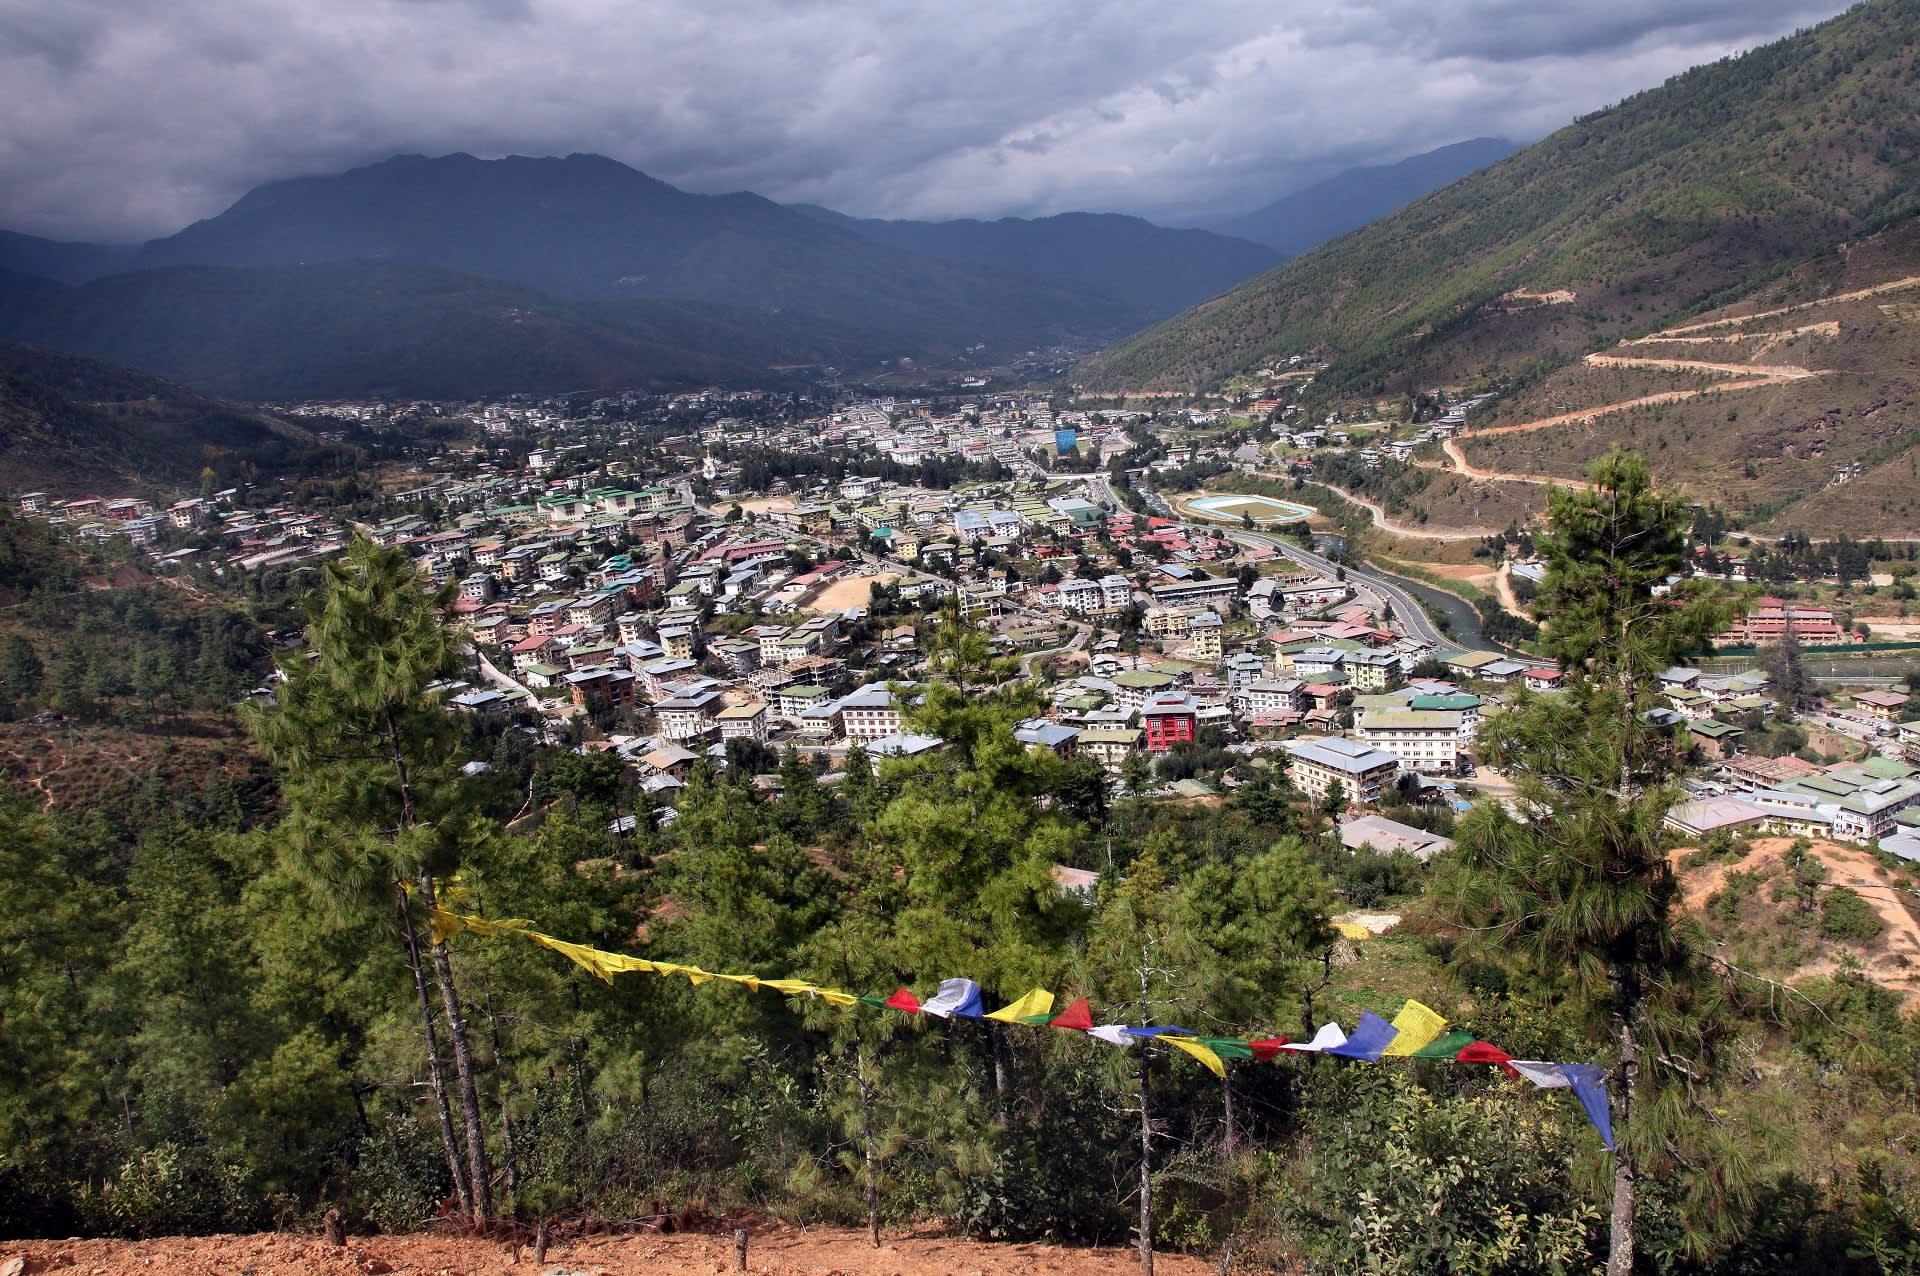 Yleiskuva Bhutanin pääkaupungista Timphusta ja sitä ympäröivistä vuorista.